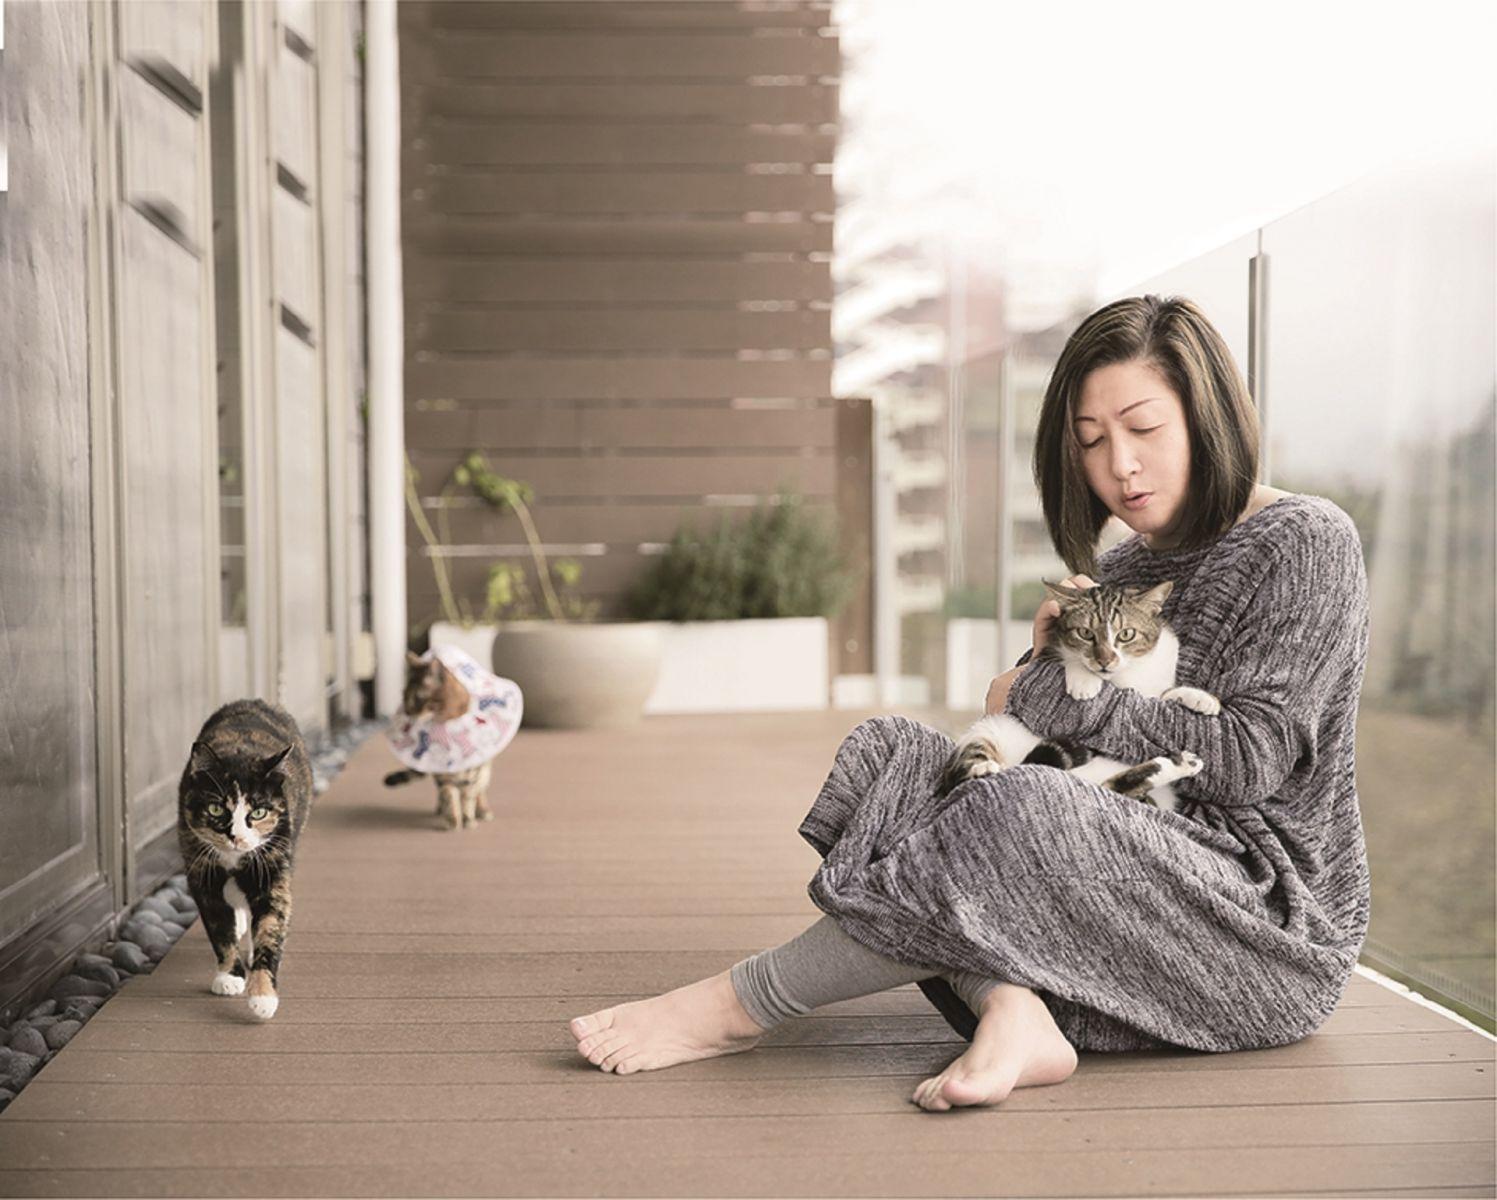 養隻貓、付出愛,擇食老師邱錦伶從毛小孩身上學到的事